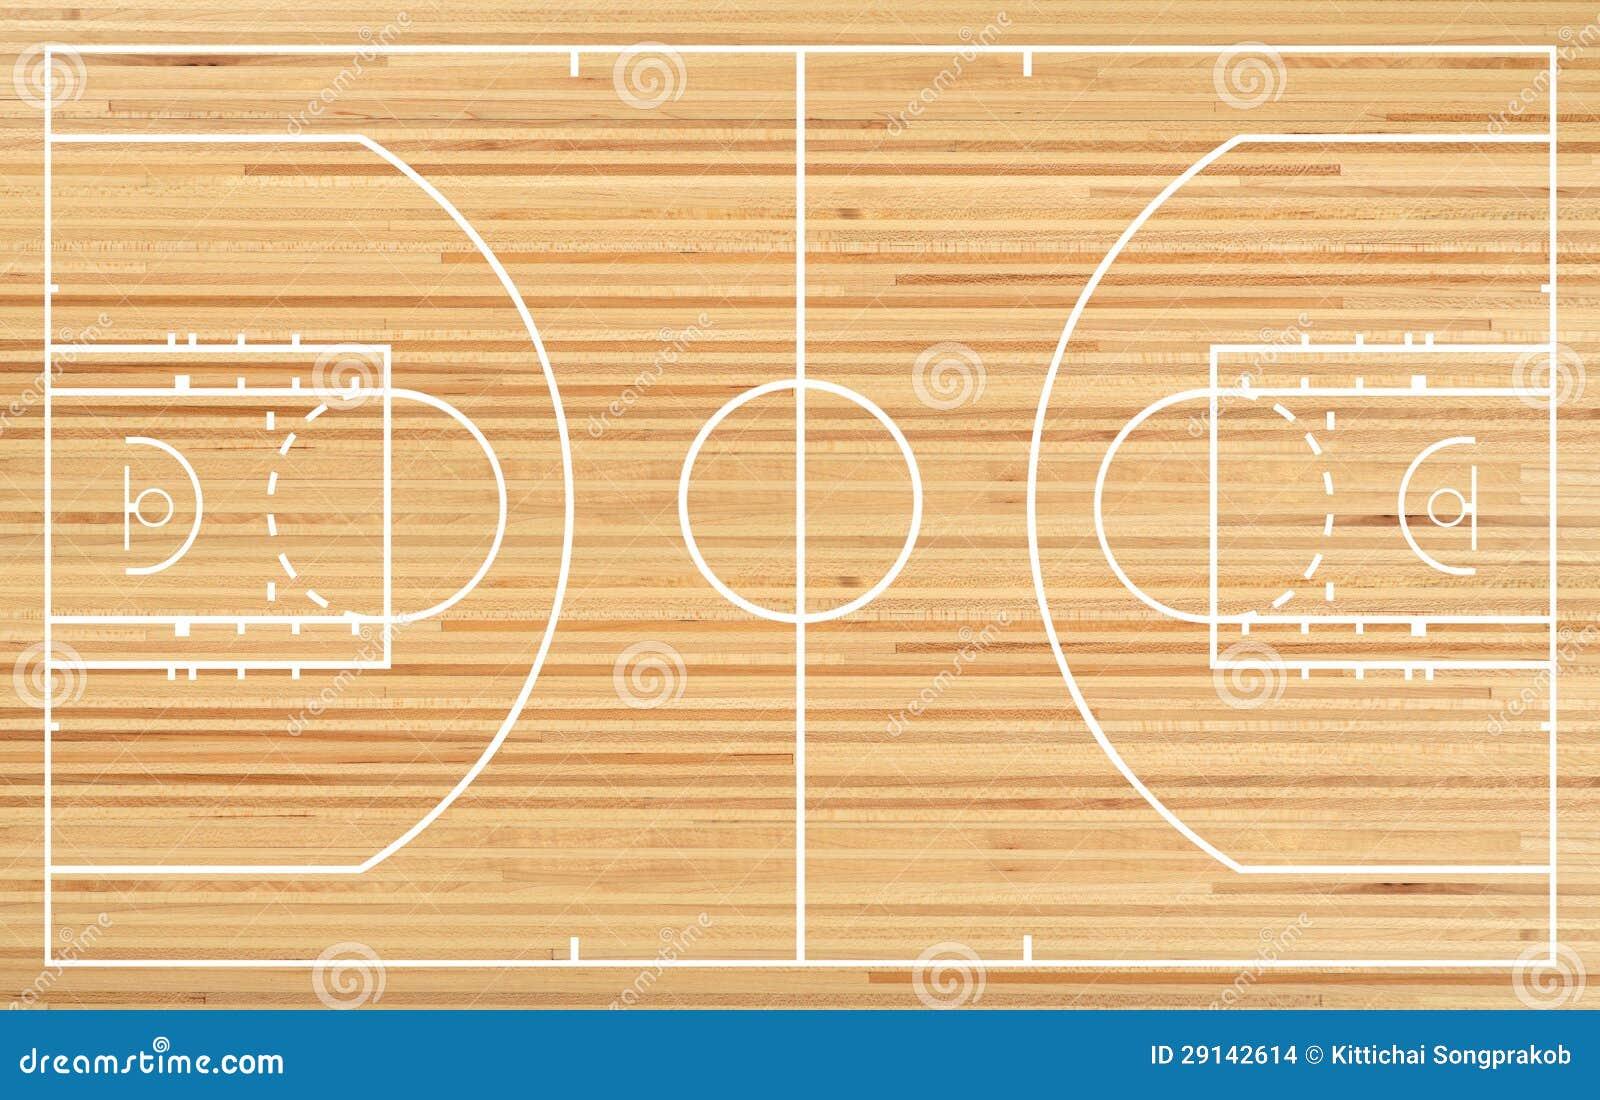 terrain de basket illustration stock illustration du joueur 29142614. Black Bedroom Furniture Sets. Home Design Ideas